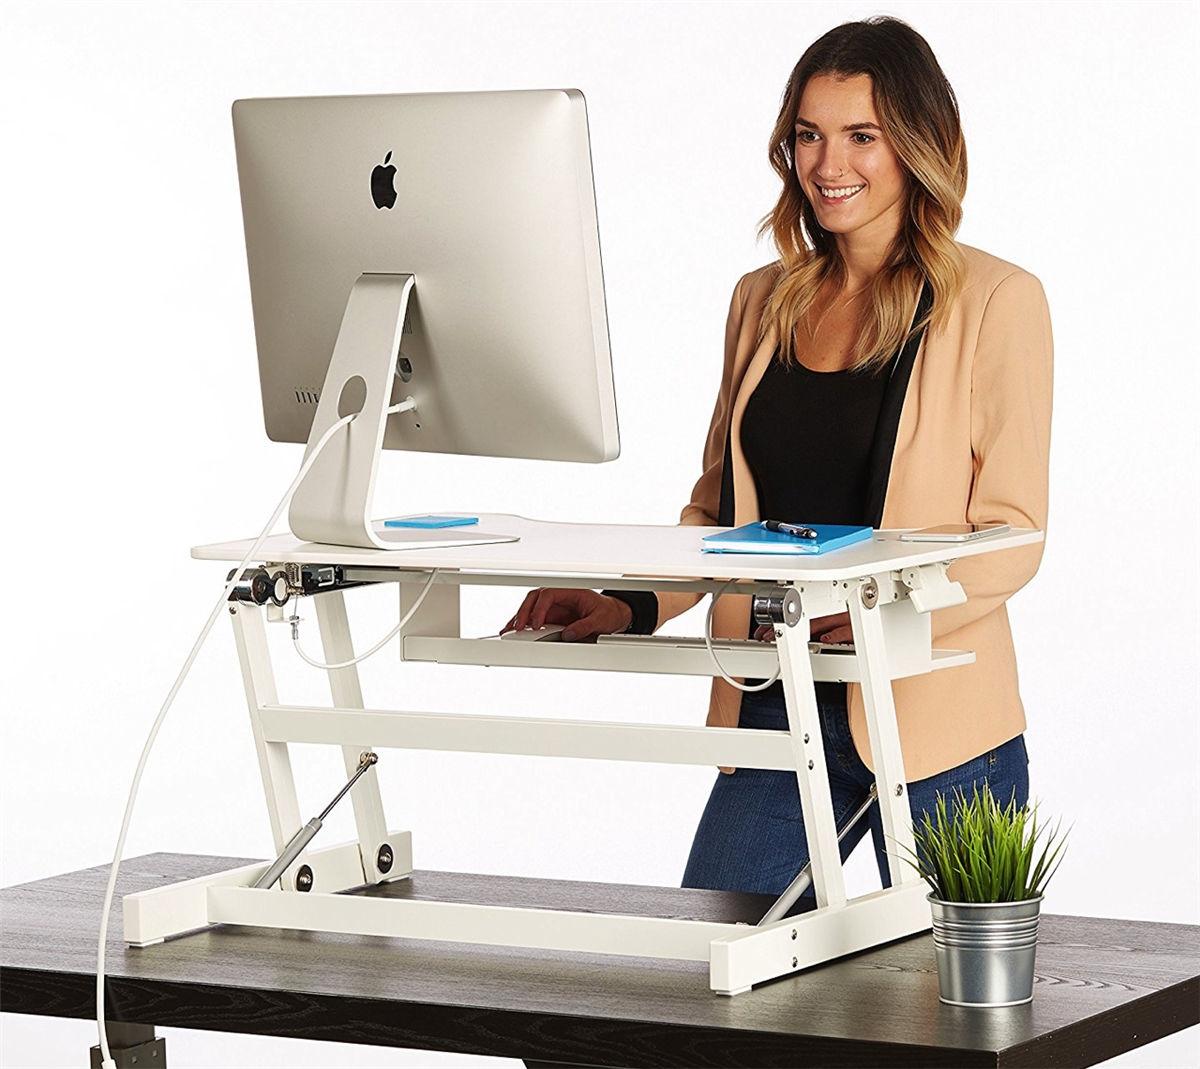 White Standing Desk - the DeskRiser - Height Adjustable | Heavy ...